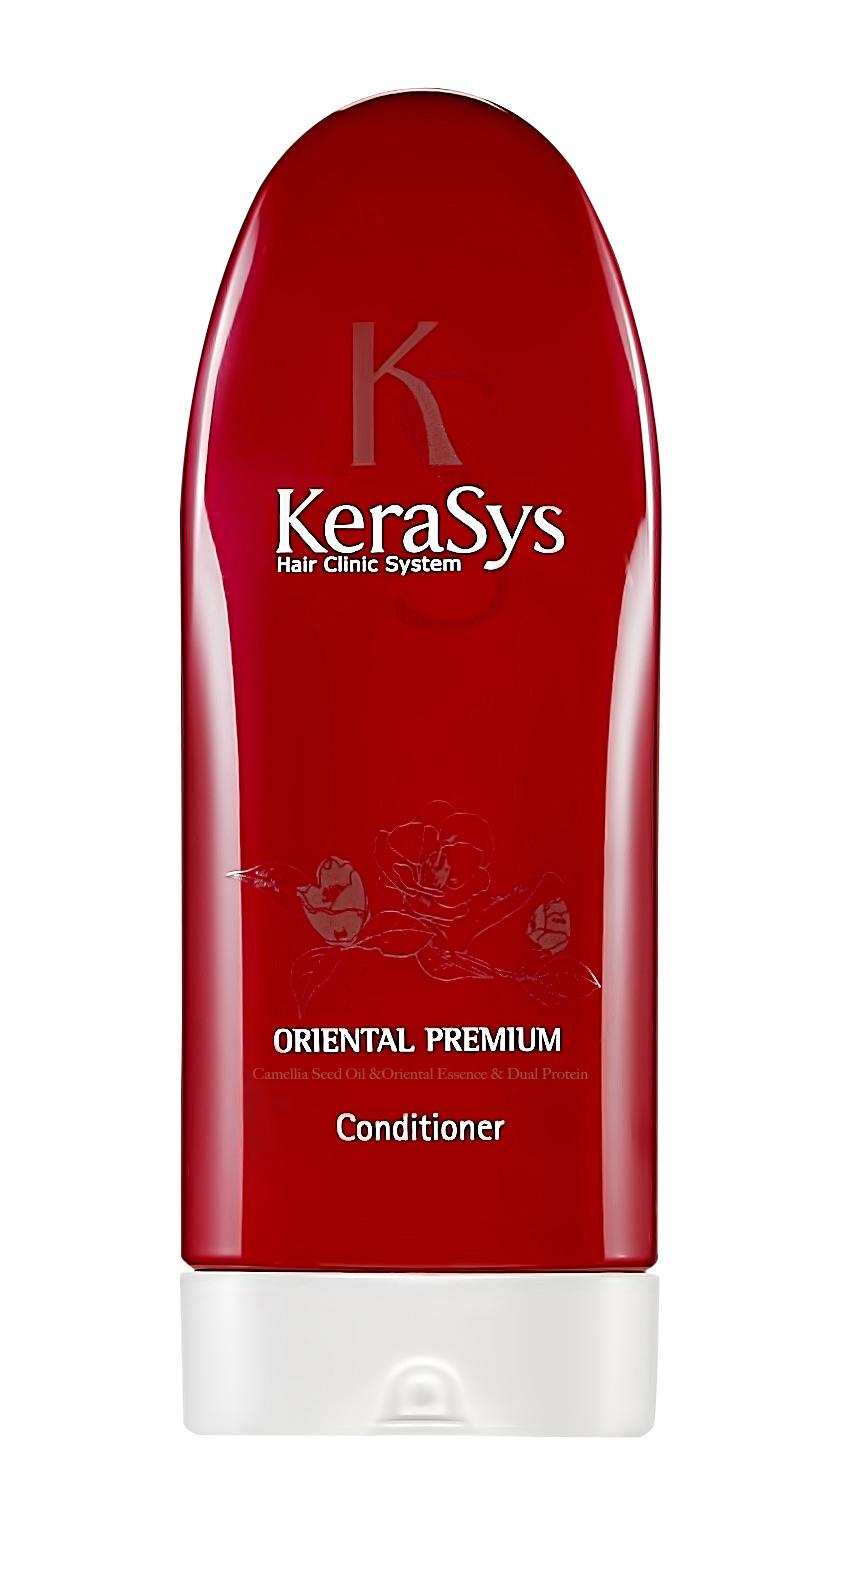 Kerasys Кондиционер для волос Oriental, 200 мл876244Специально разработанная формула для всех типов волос, в том числе поврежденных и ослабленных. Волосы обретают жизненную силу, блеск и эластичность. Оказывает солнцезащитное действие. Масло камелии укрепляет хрупкие и ломкие волосы, делает их шелковистыми по всей длине. Кератиновый комплекс питает и разглаживает поврежденный волос. Композиция из шести традиционных восточных трав (женьшень, жгун-корень, орхидея, ангелика, гранат, листья камелии) укрепляет корни волос и предотвращает преждевременное выпадение. Kerasys - это линия средств профессионального уровня для ухода за различными типами волос в домашних условиях. Характеристики: Объем: 200 мл. Артикул: 876244. Производитель: Корея. Товар сертифицирован.